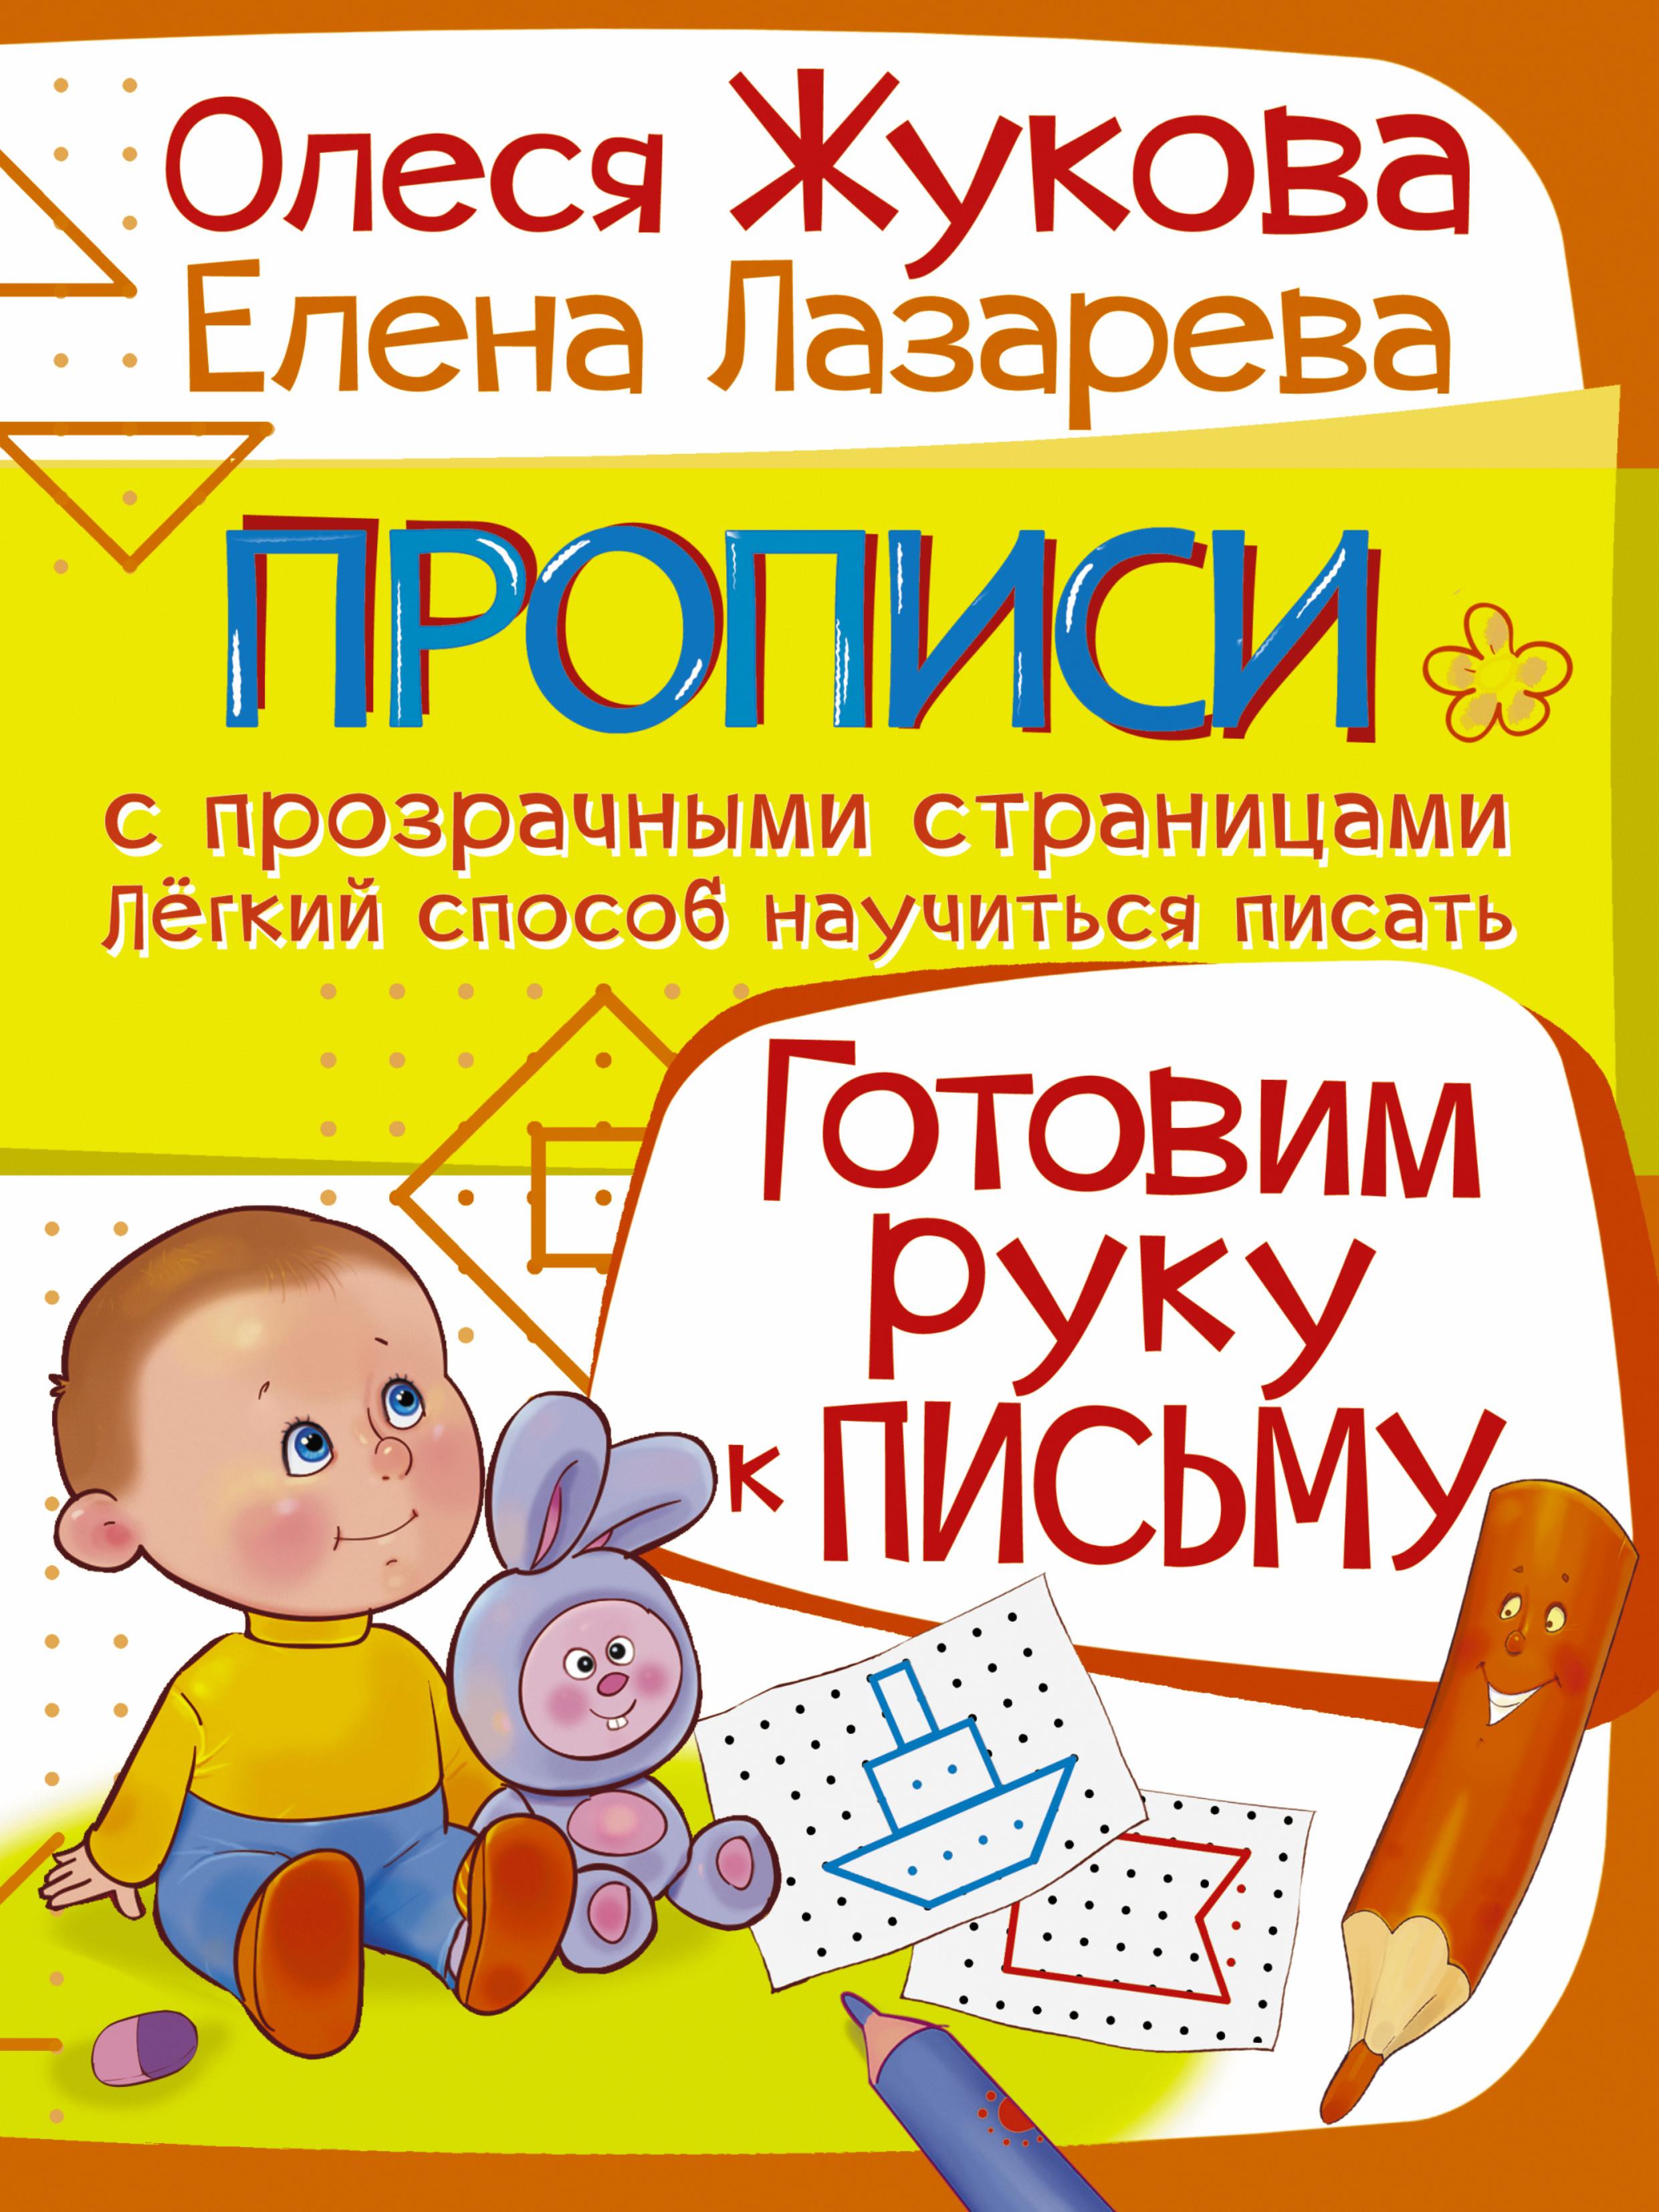 Олеся Жукова, Елена Лазарева Готовим руку к письму олеся жукова елена лазарева готовим руку к письму